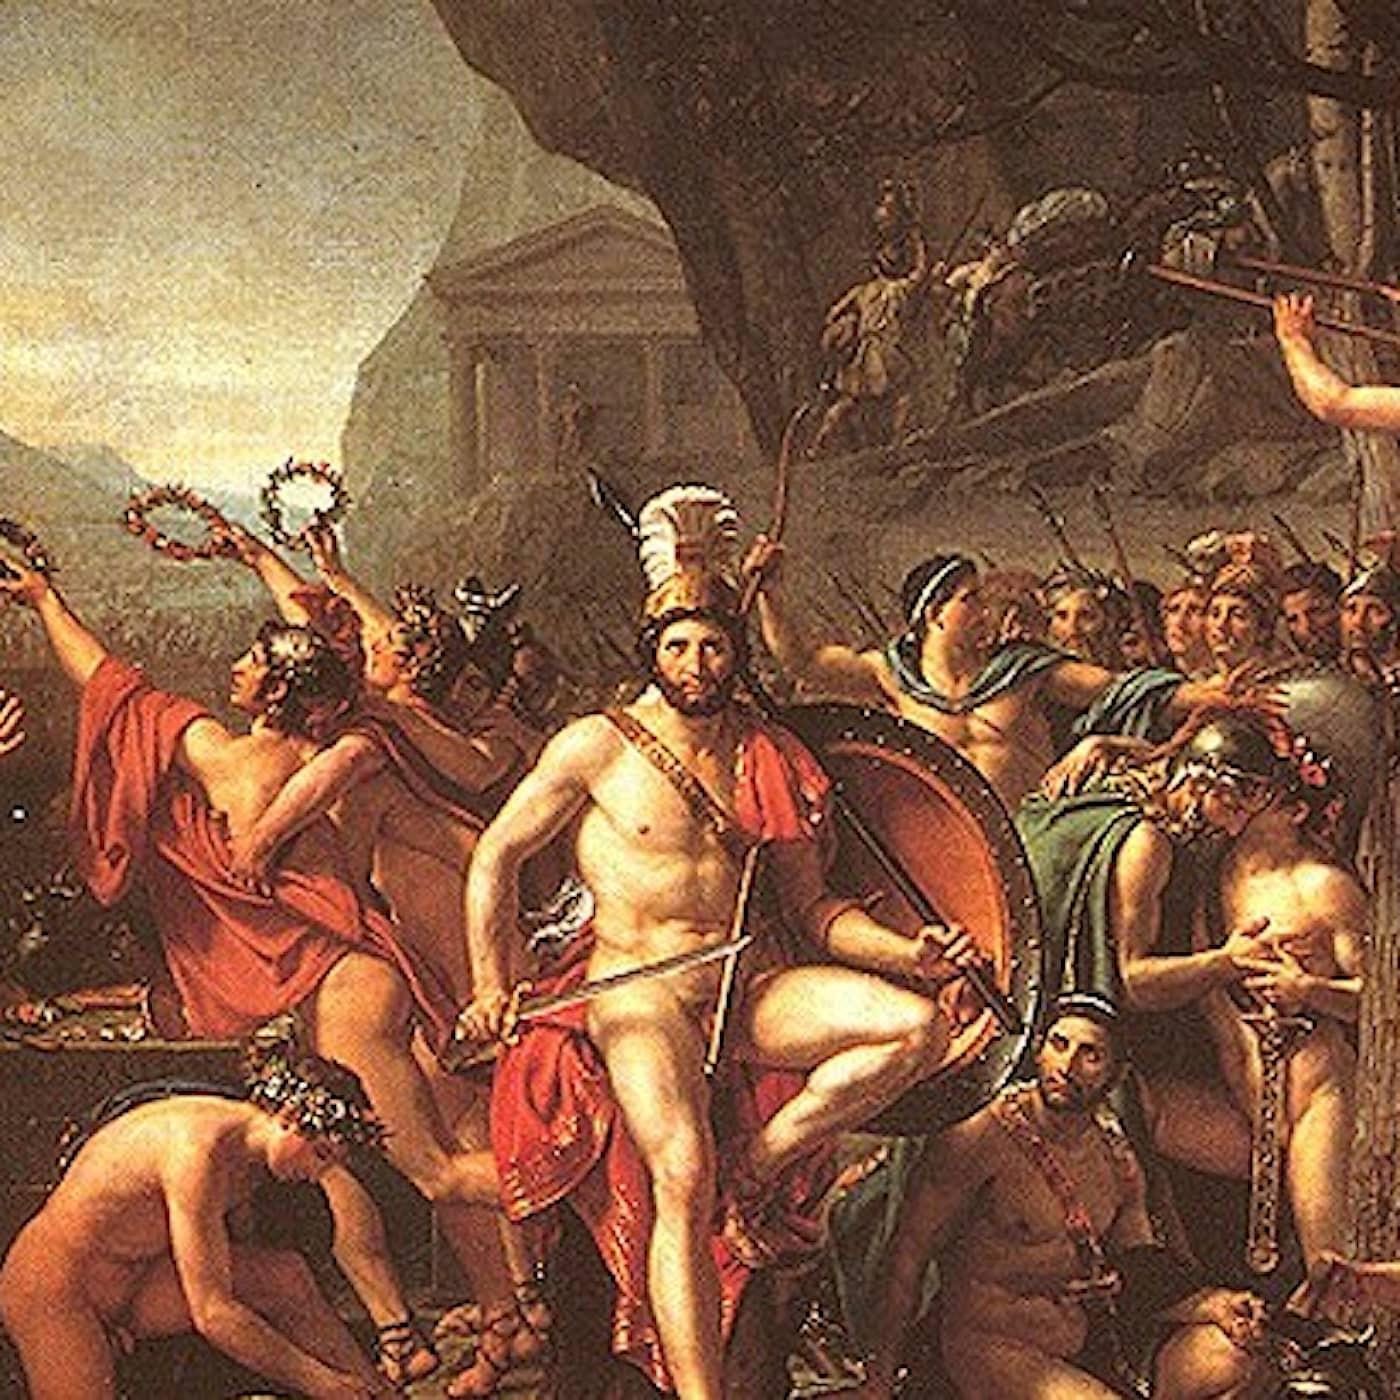 Slagen vid Thermopyle och Salamis